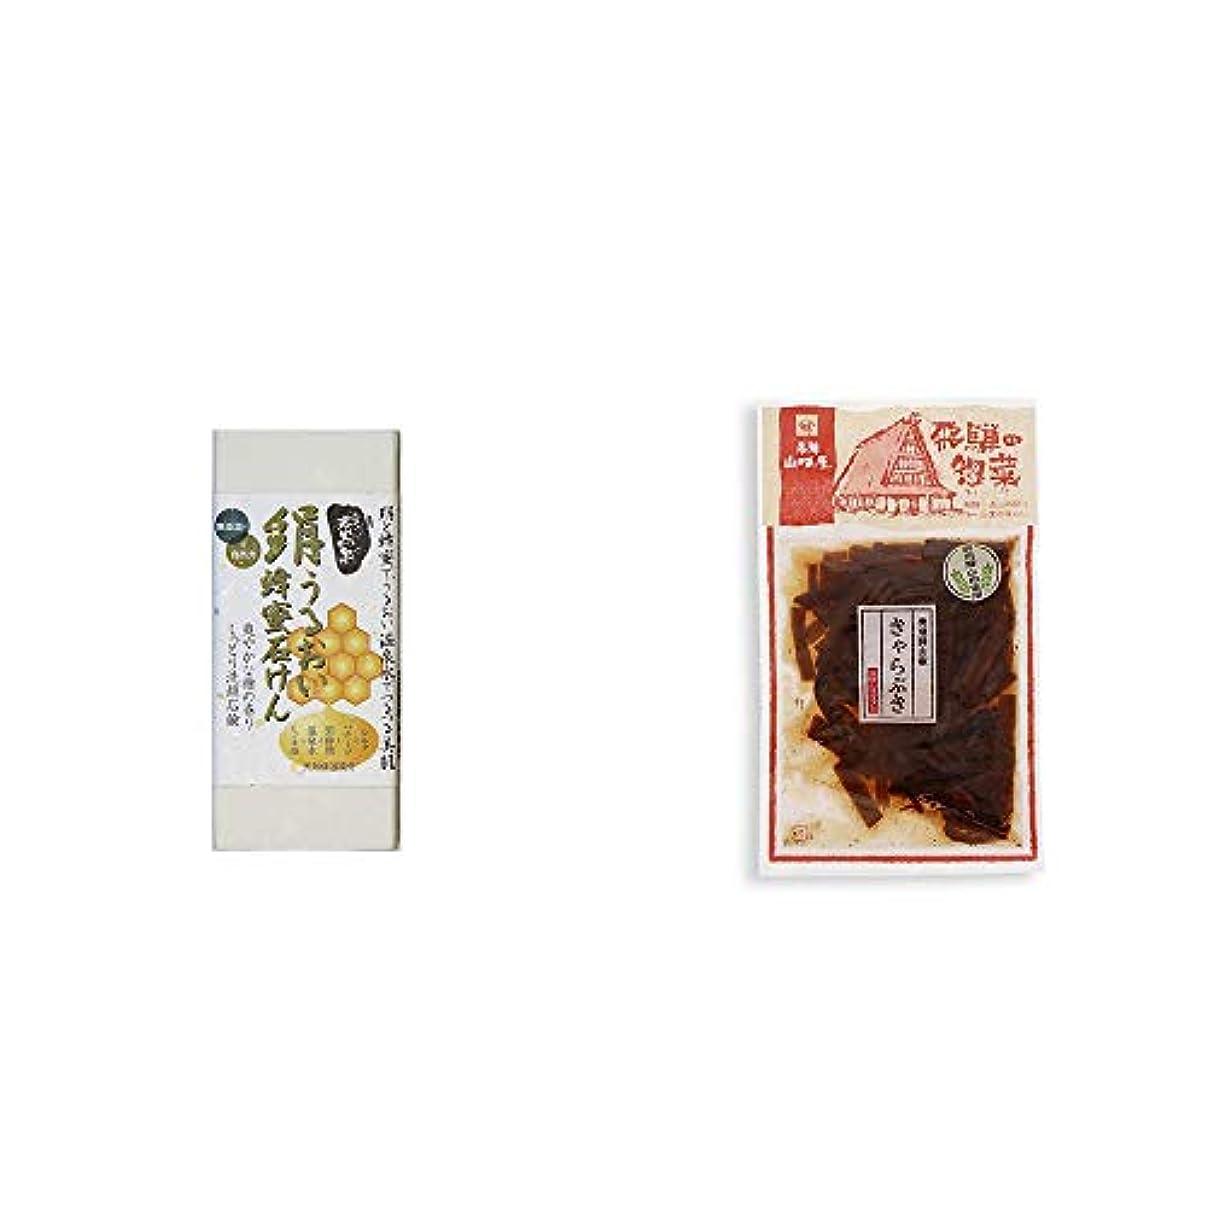 茎共和国ジュース[2点セット] ひのき炭黒泉 絹うるおい蜂蜜石けん(75g×2)?飛騨山味屋 奥飛騨山椒きゃらぶき(120g)